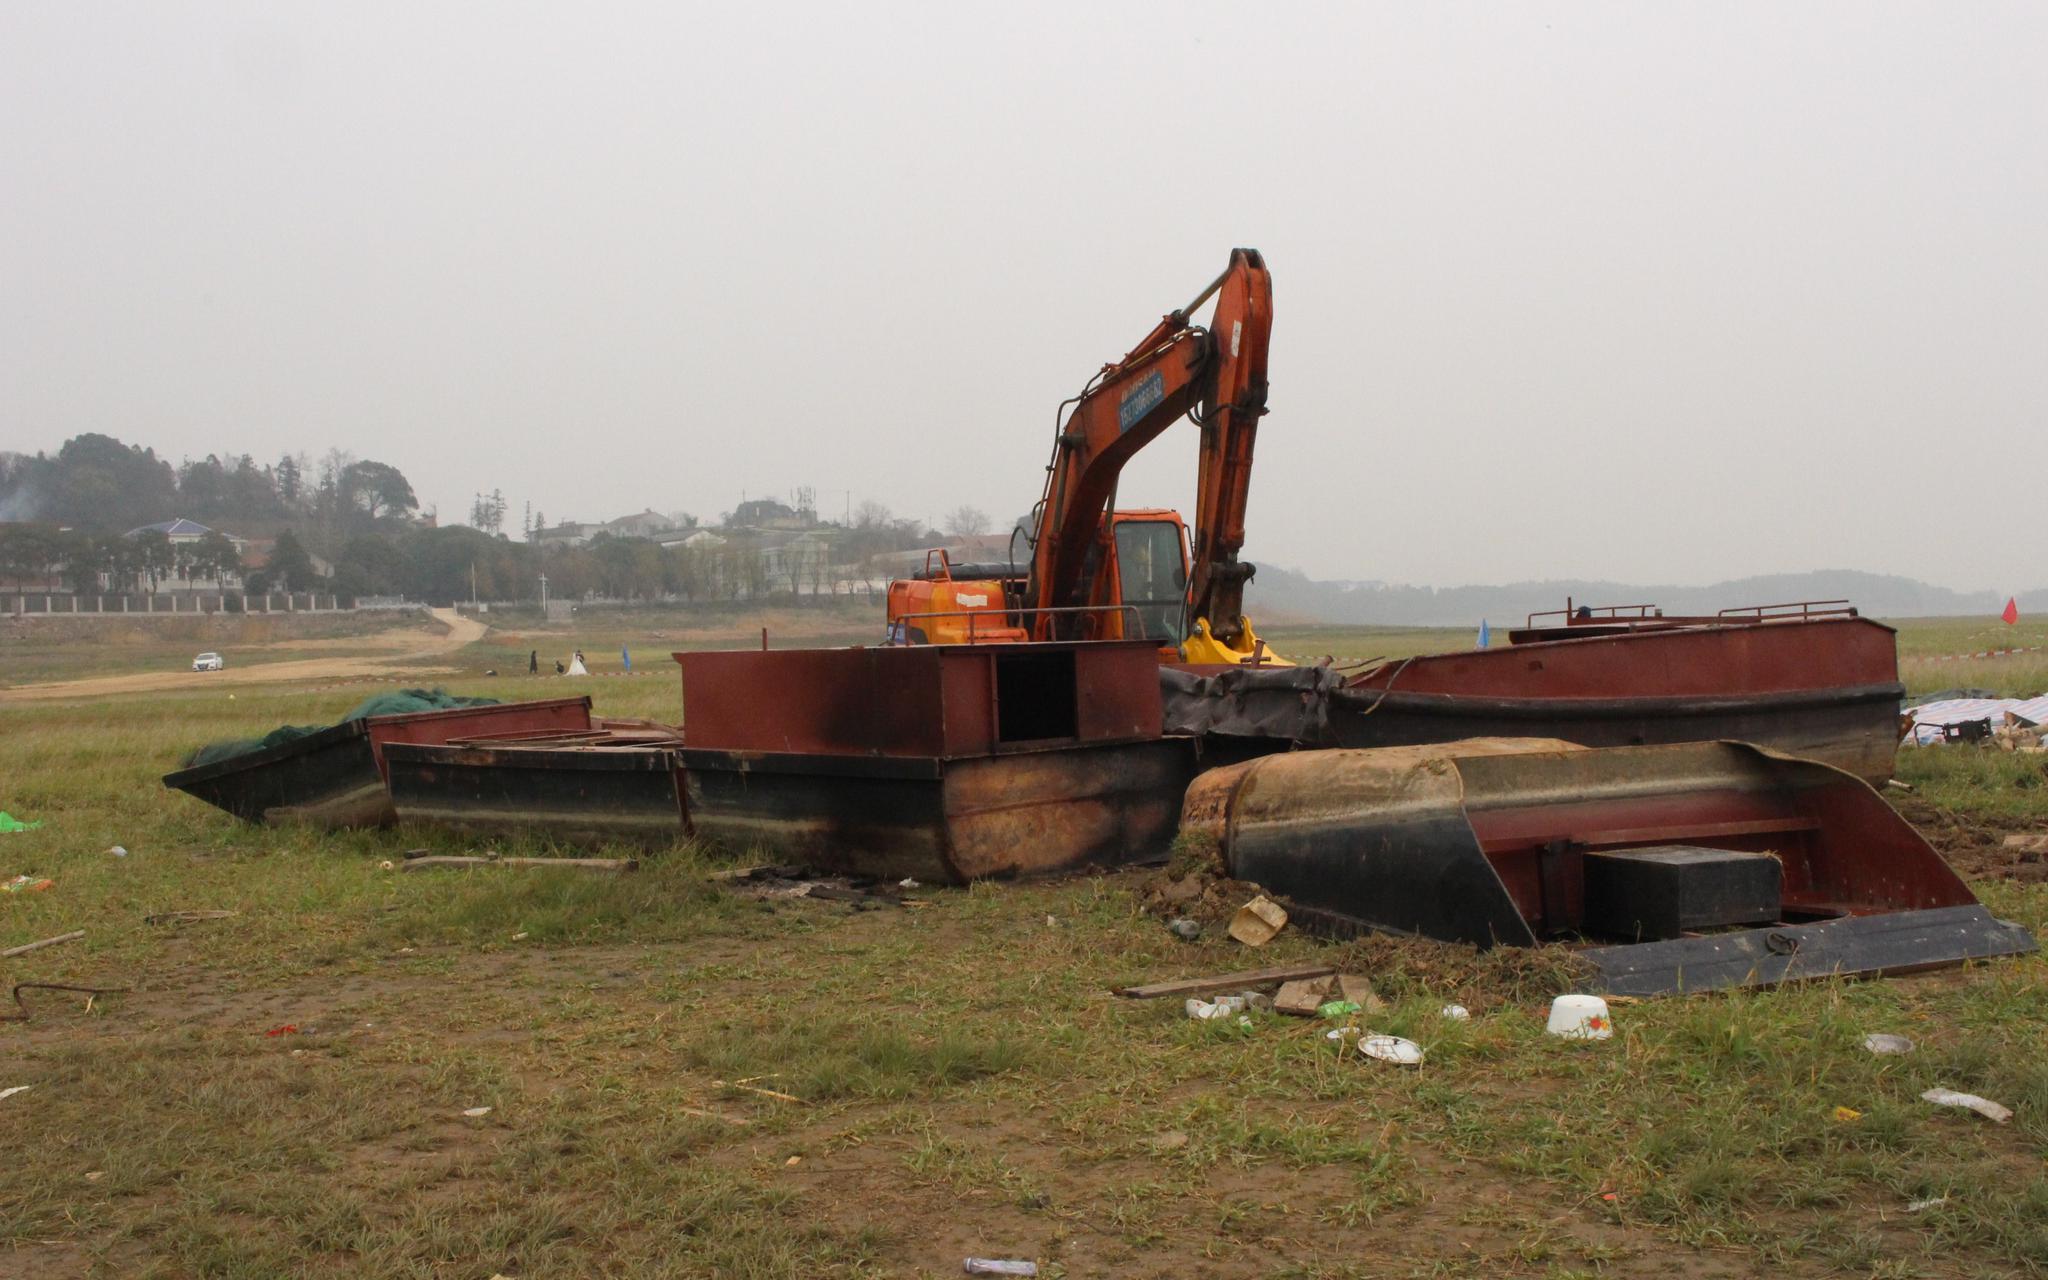 1月1日,岳阳县渔民退捕渔船拆解点,被拆解的船还留在原地。新京报记者 韩沁珂 摄